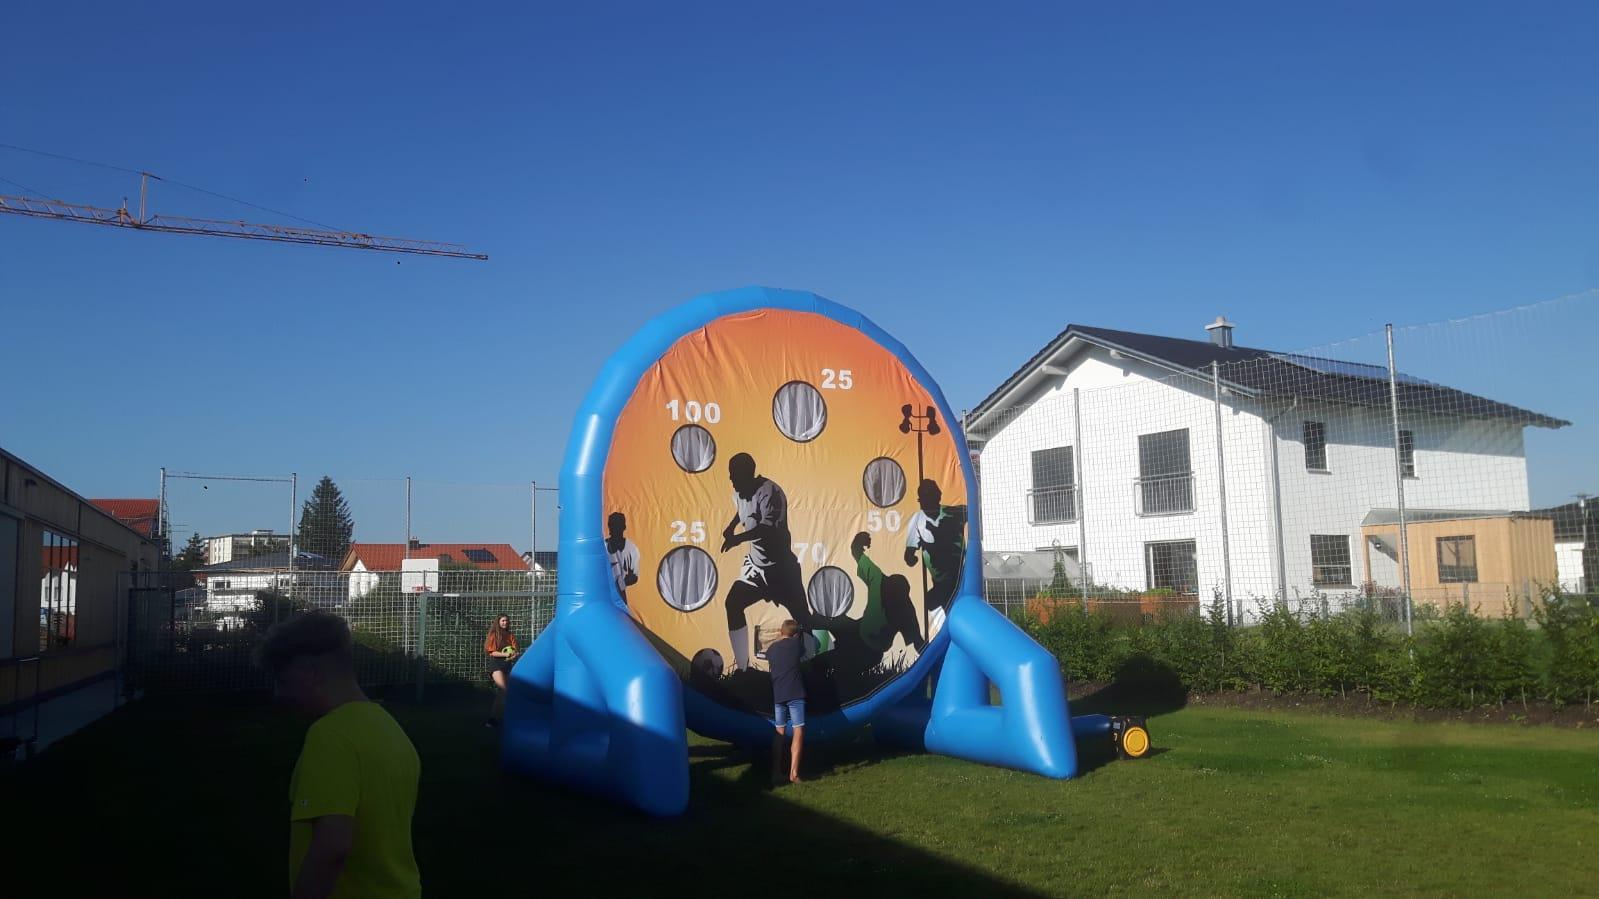 Fussballdart Bei Funsports Osterreich Buchen Jetzt Klicken